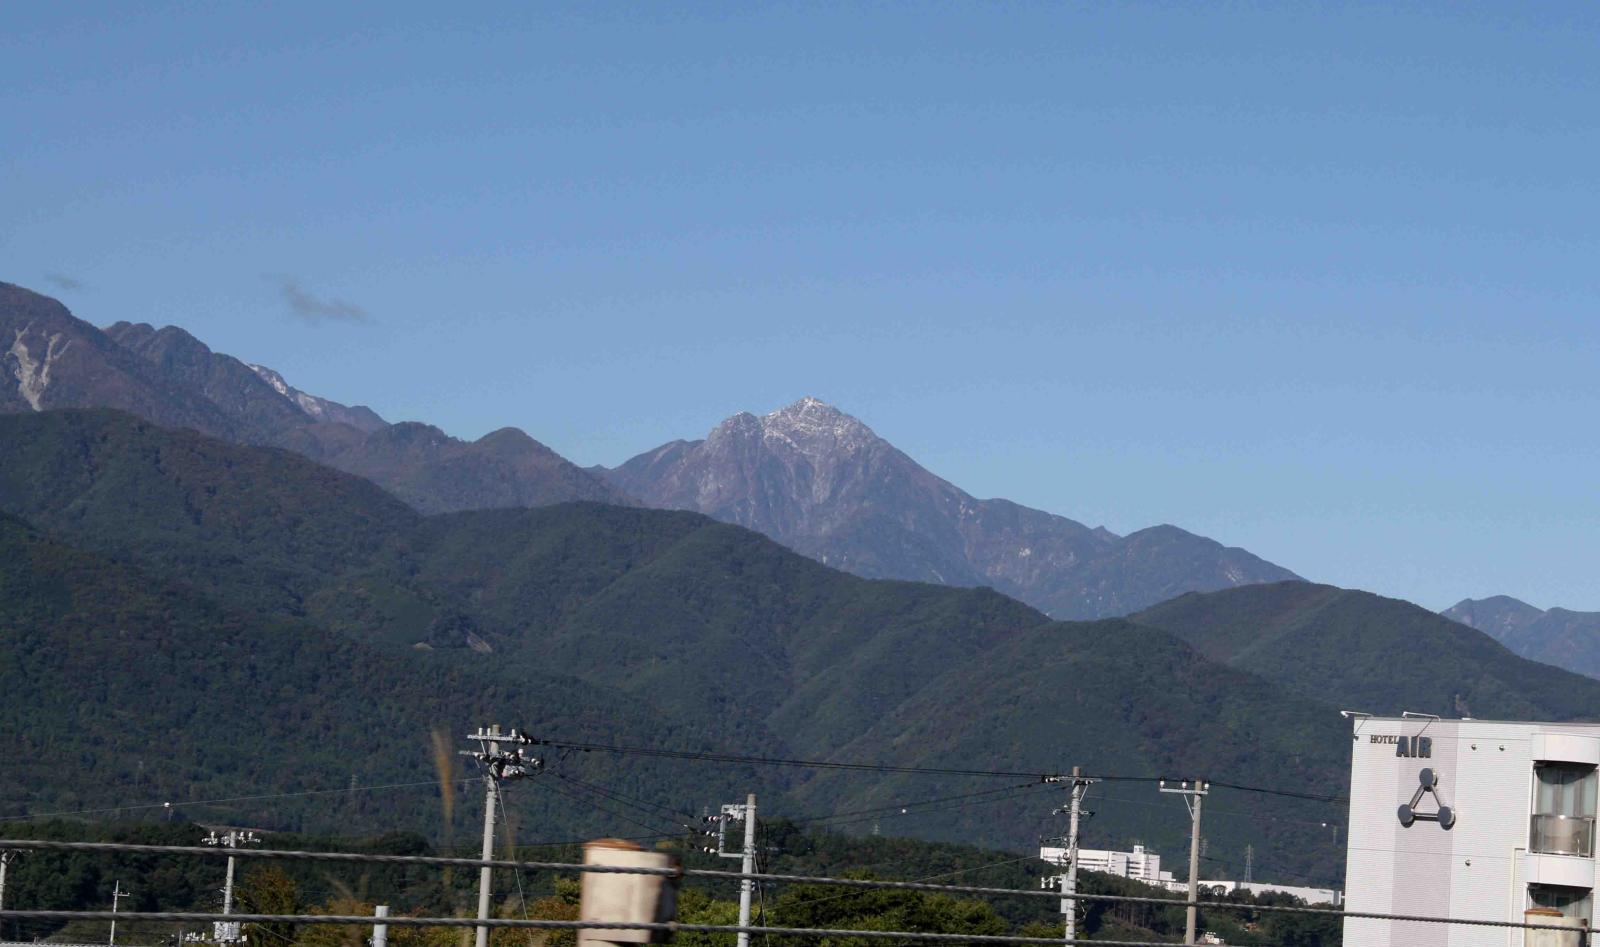 甲斐駒ヶ岳と鳳凰三山(左)